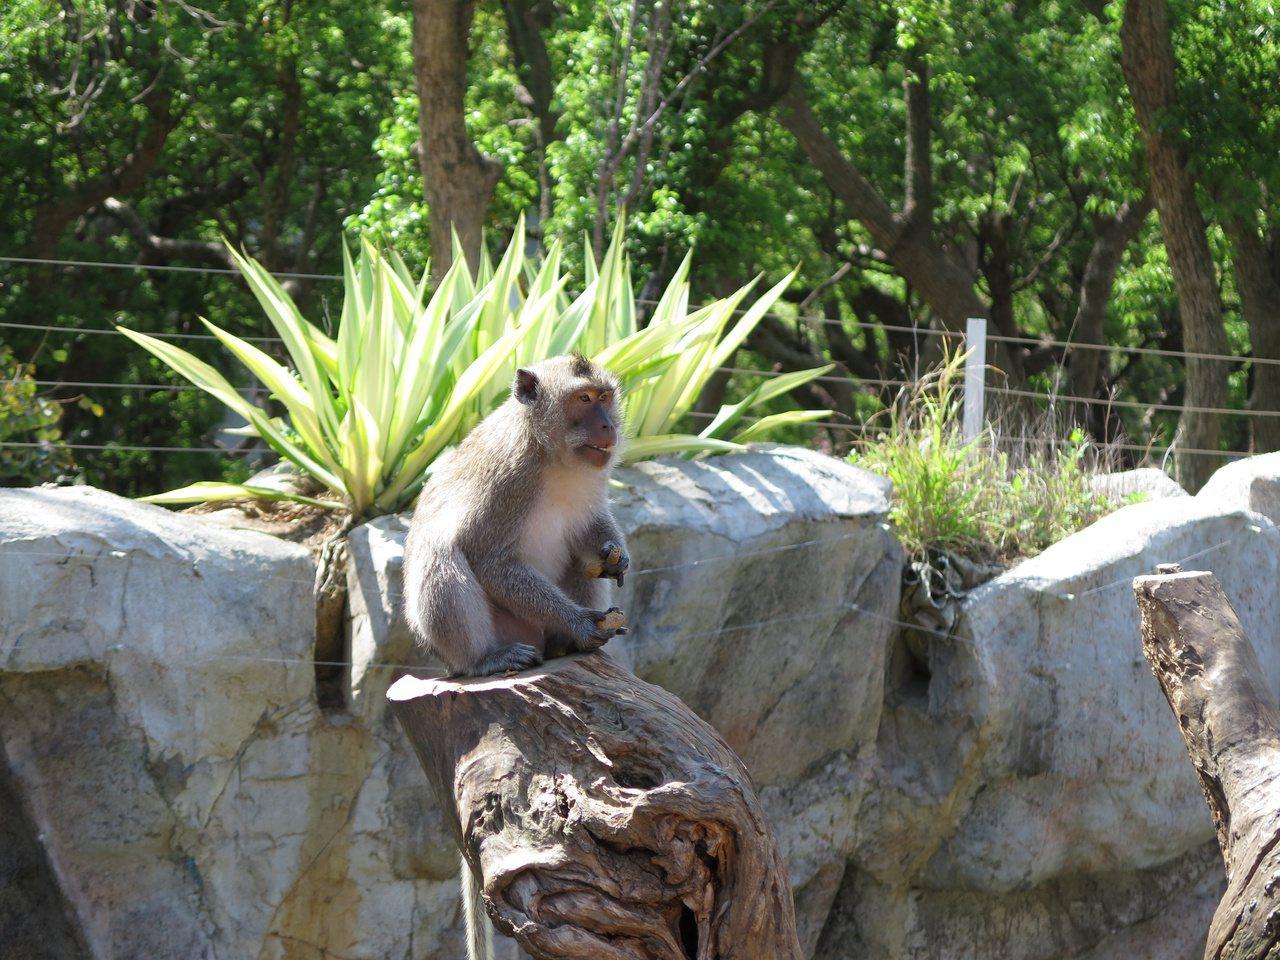 新竹市立動物園設置猴島,讓猴子恣意攀爬。 圖/張裕珍 攝影